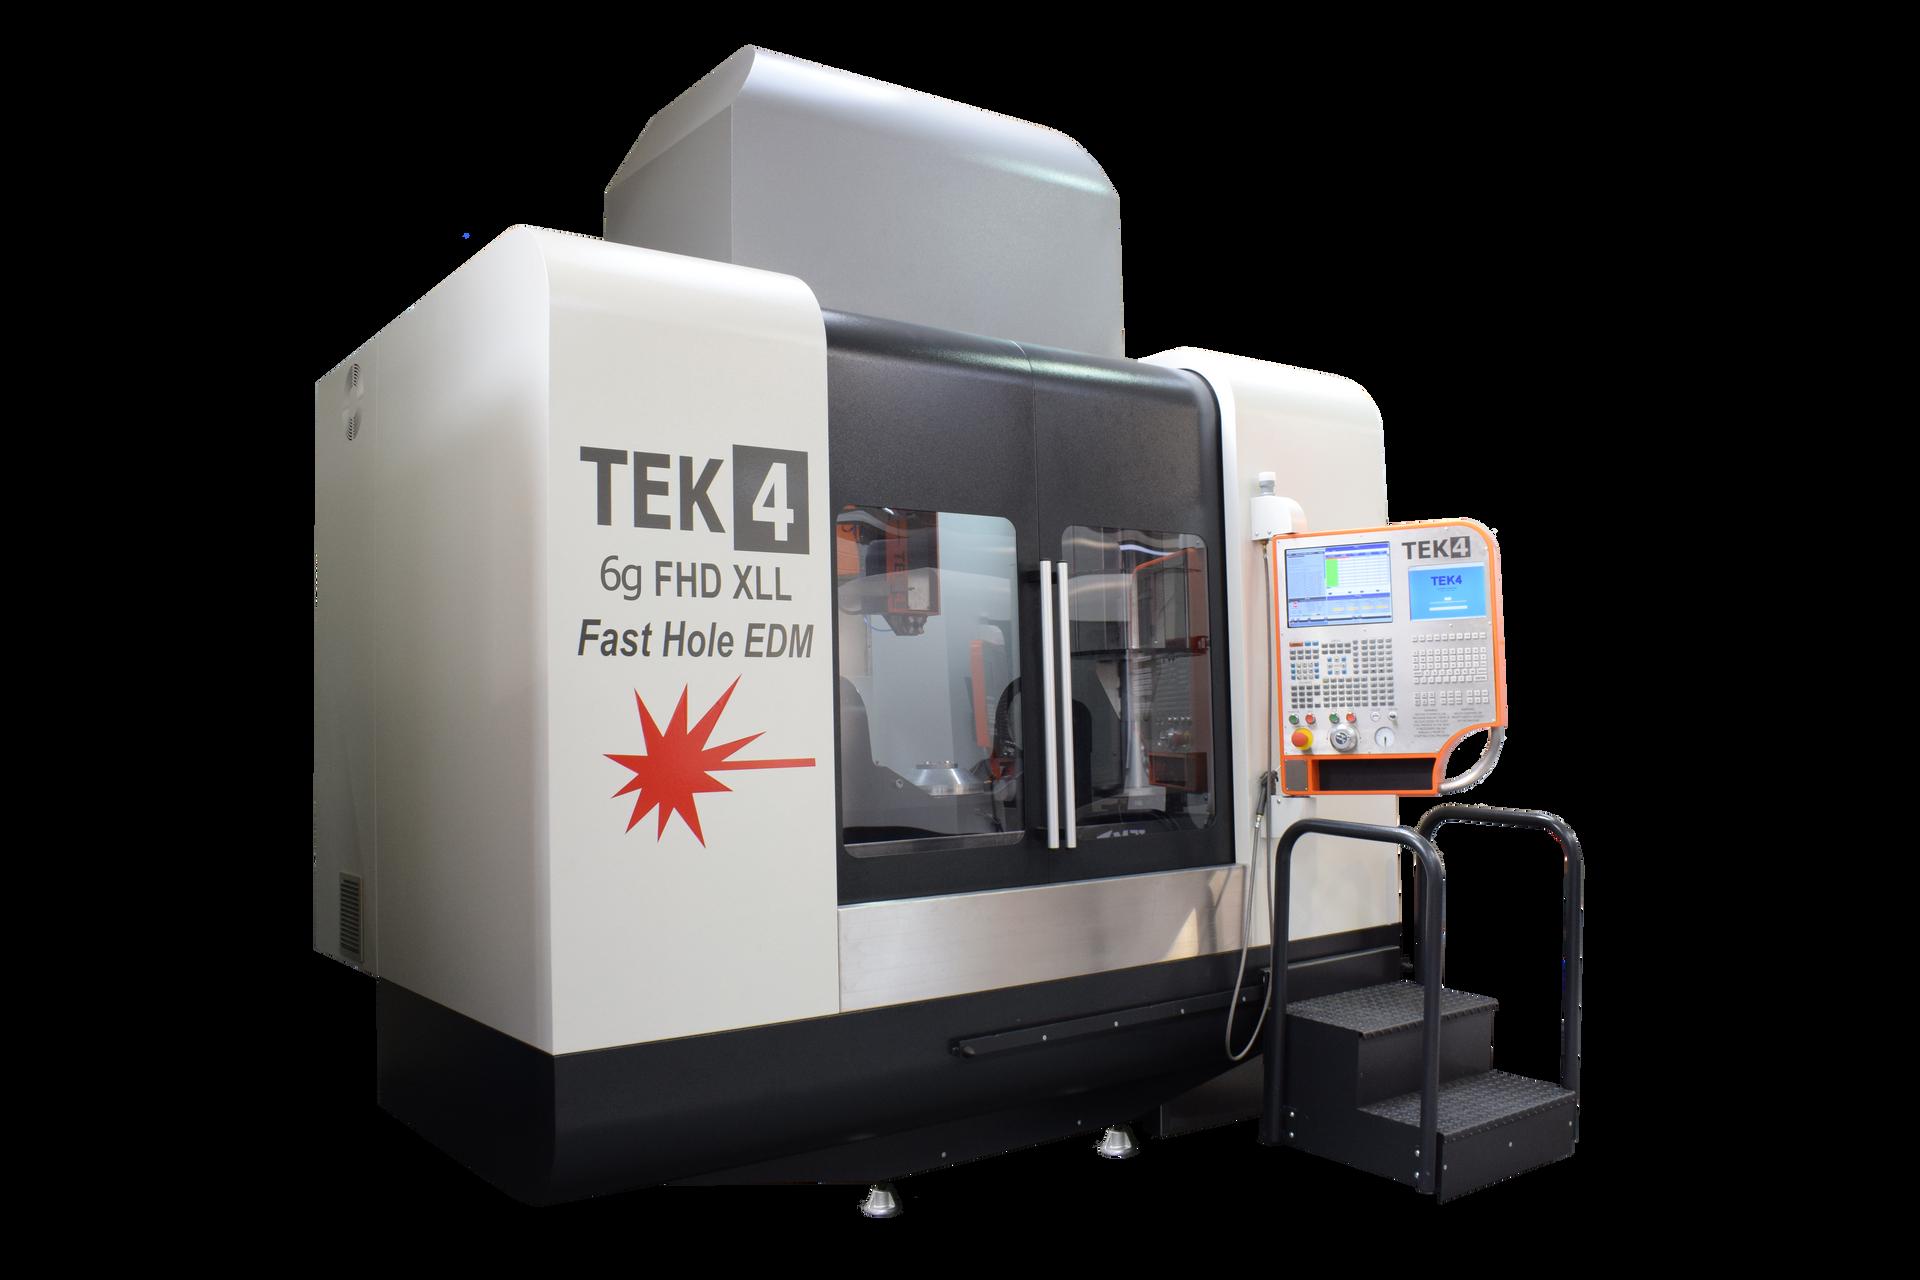 TEK4 6g XLL FHD EDM System